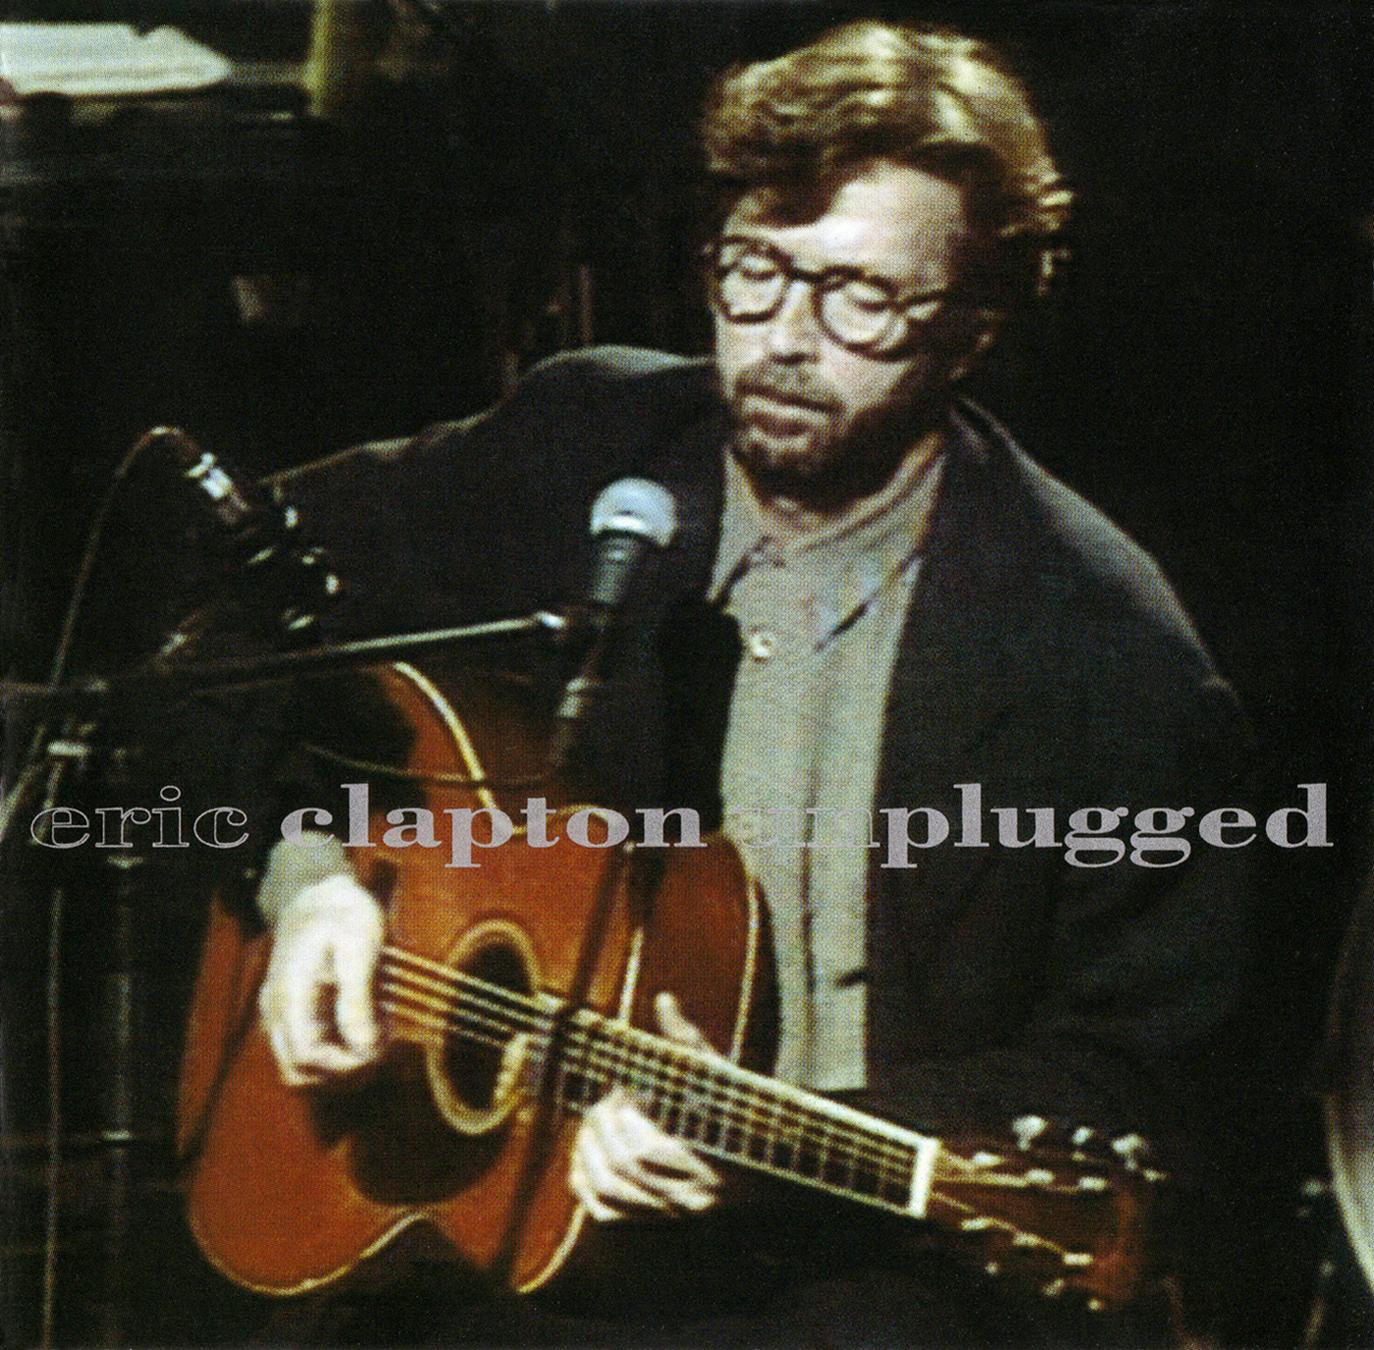 Eric Clapton (エリック・クラプトン) unpluggedジャケット画像